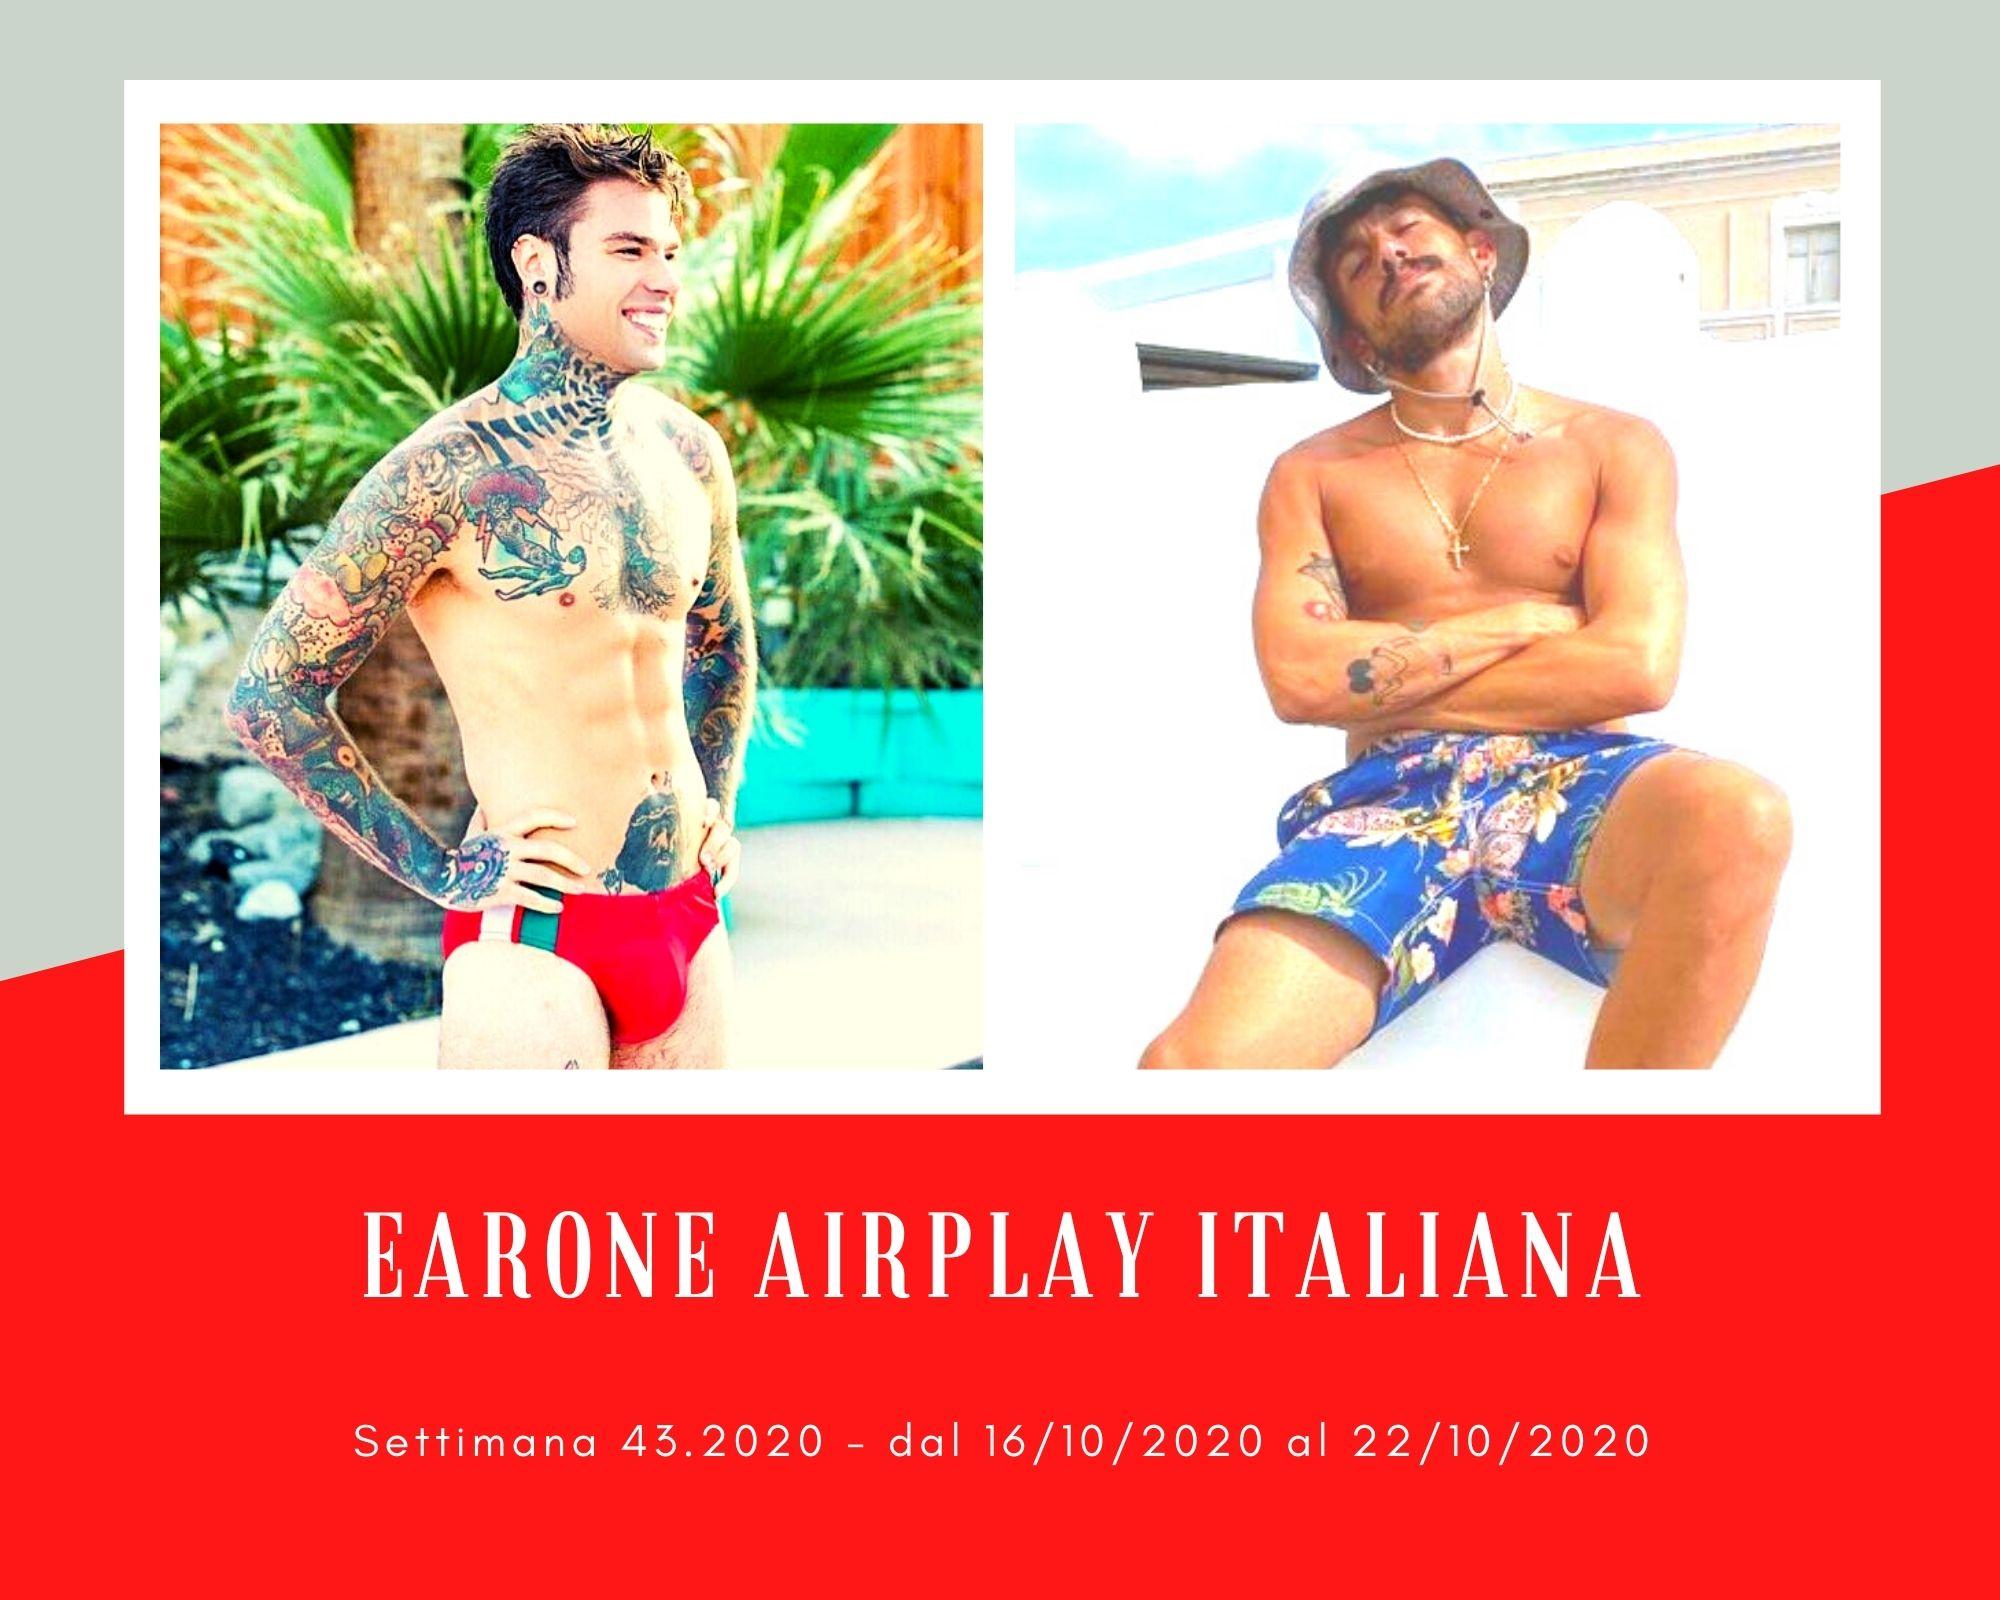 Classifica Radio EARONE Airplay Italiana, week 43. Fedez svetta, ma Aiello ha la canzone giusta per il sorpasso